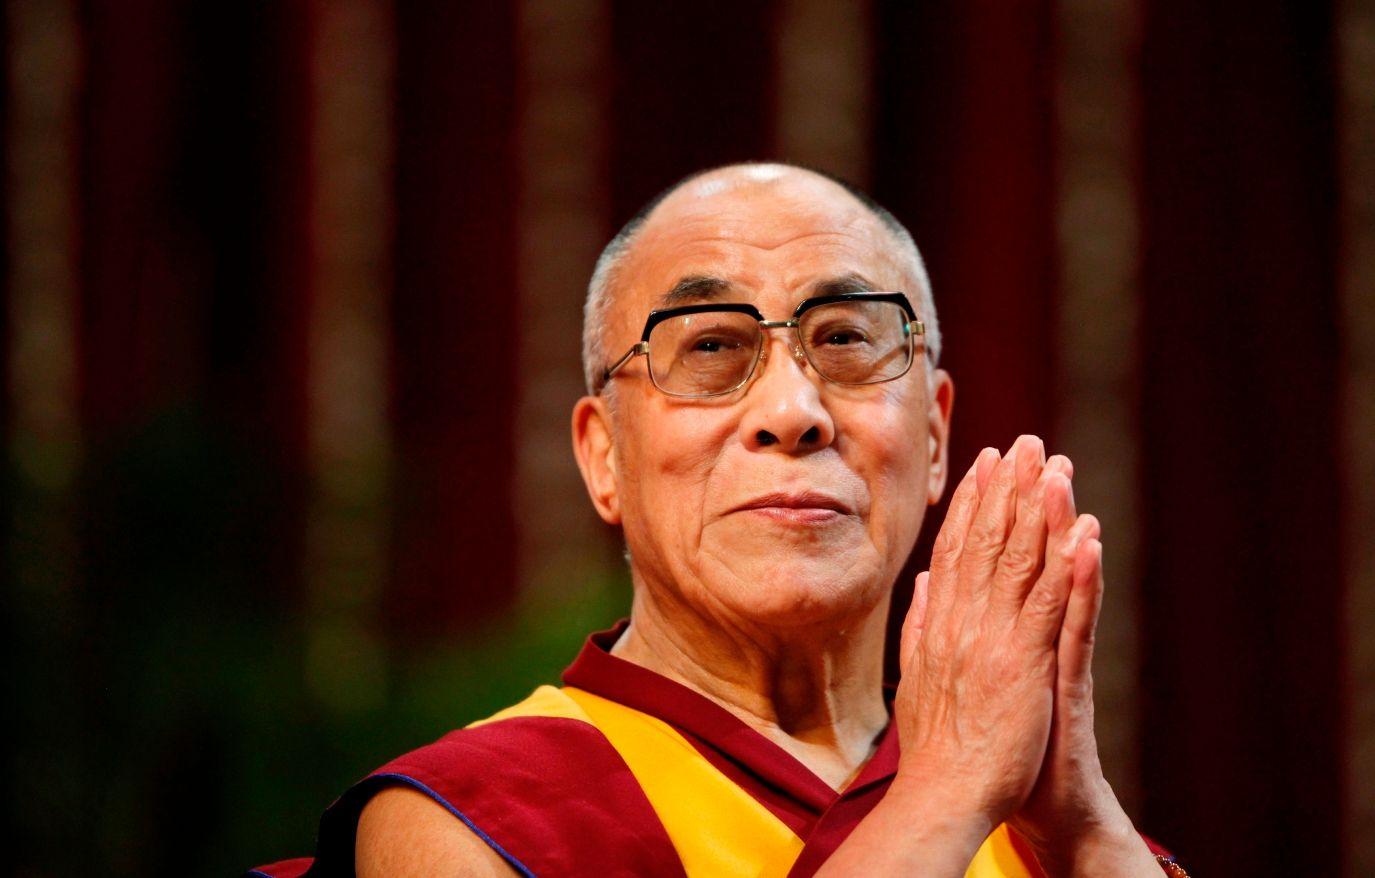 Ce que craint le plus le chef spirituel des bouddhistes tibétains est d'être mangé... par des requins !